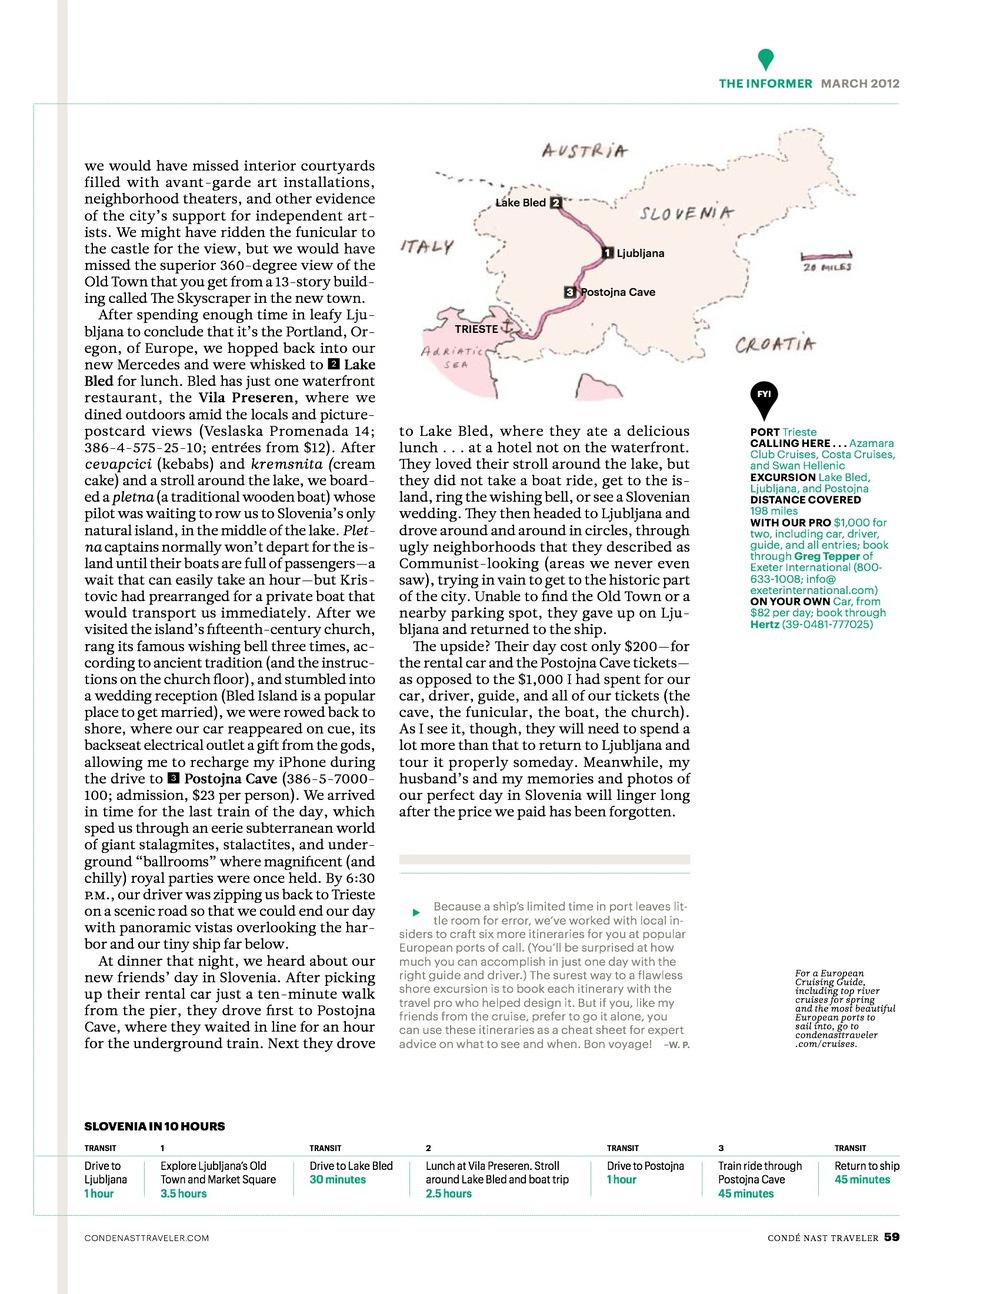 CNTEuropeanPorts 3.jpeg